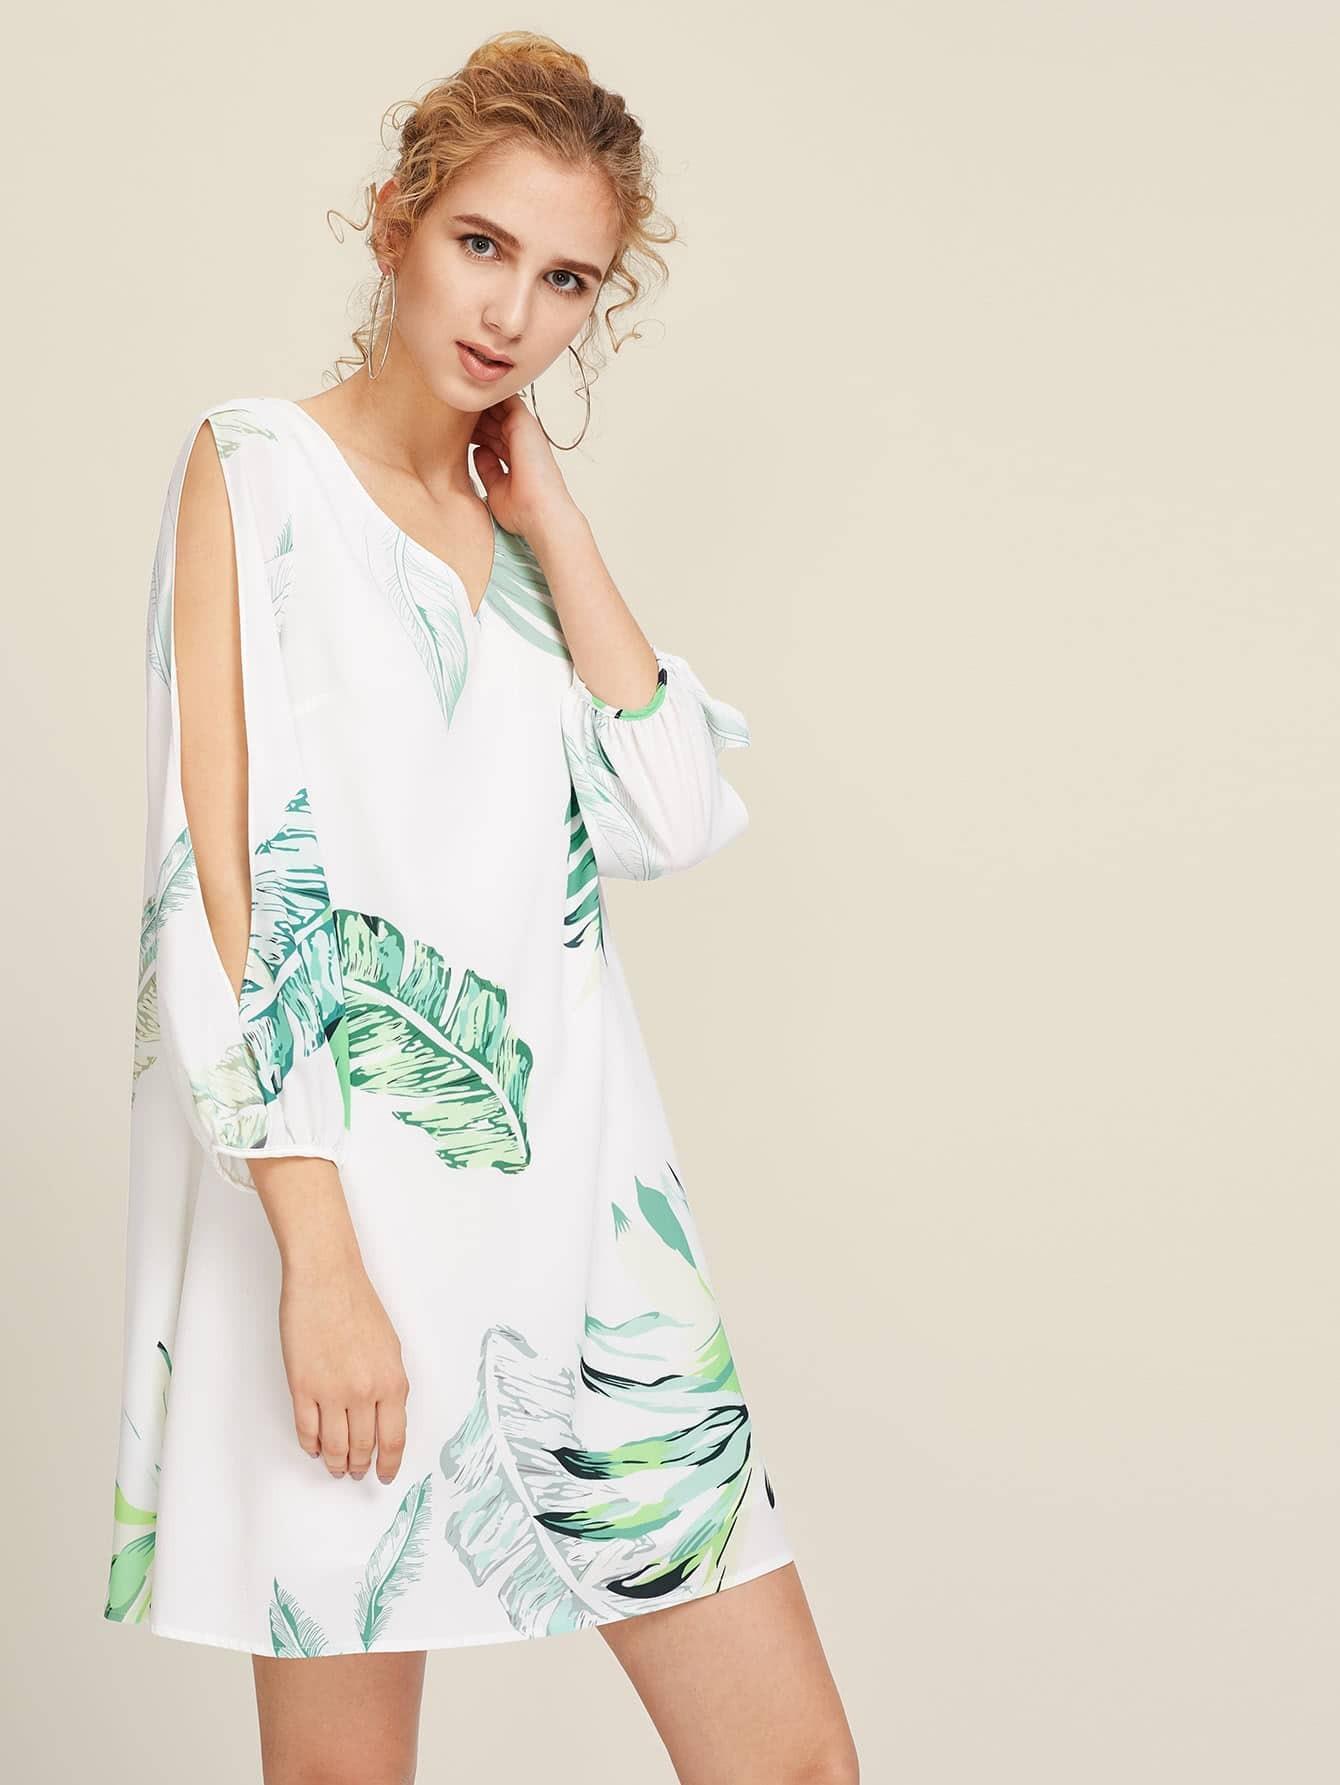 dress170523712_2